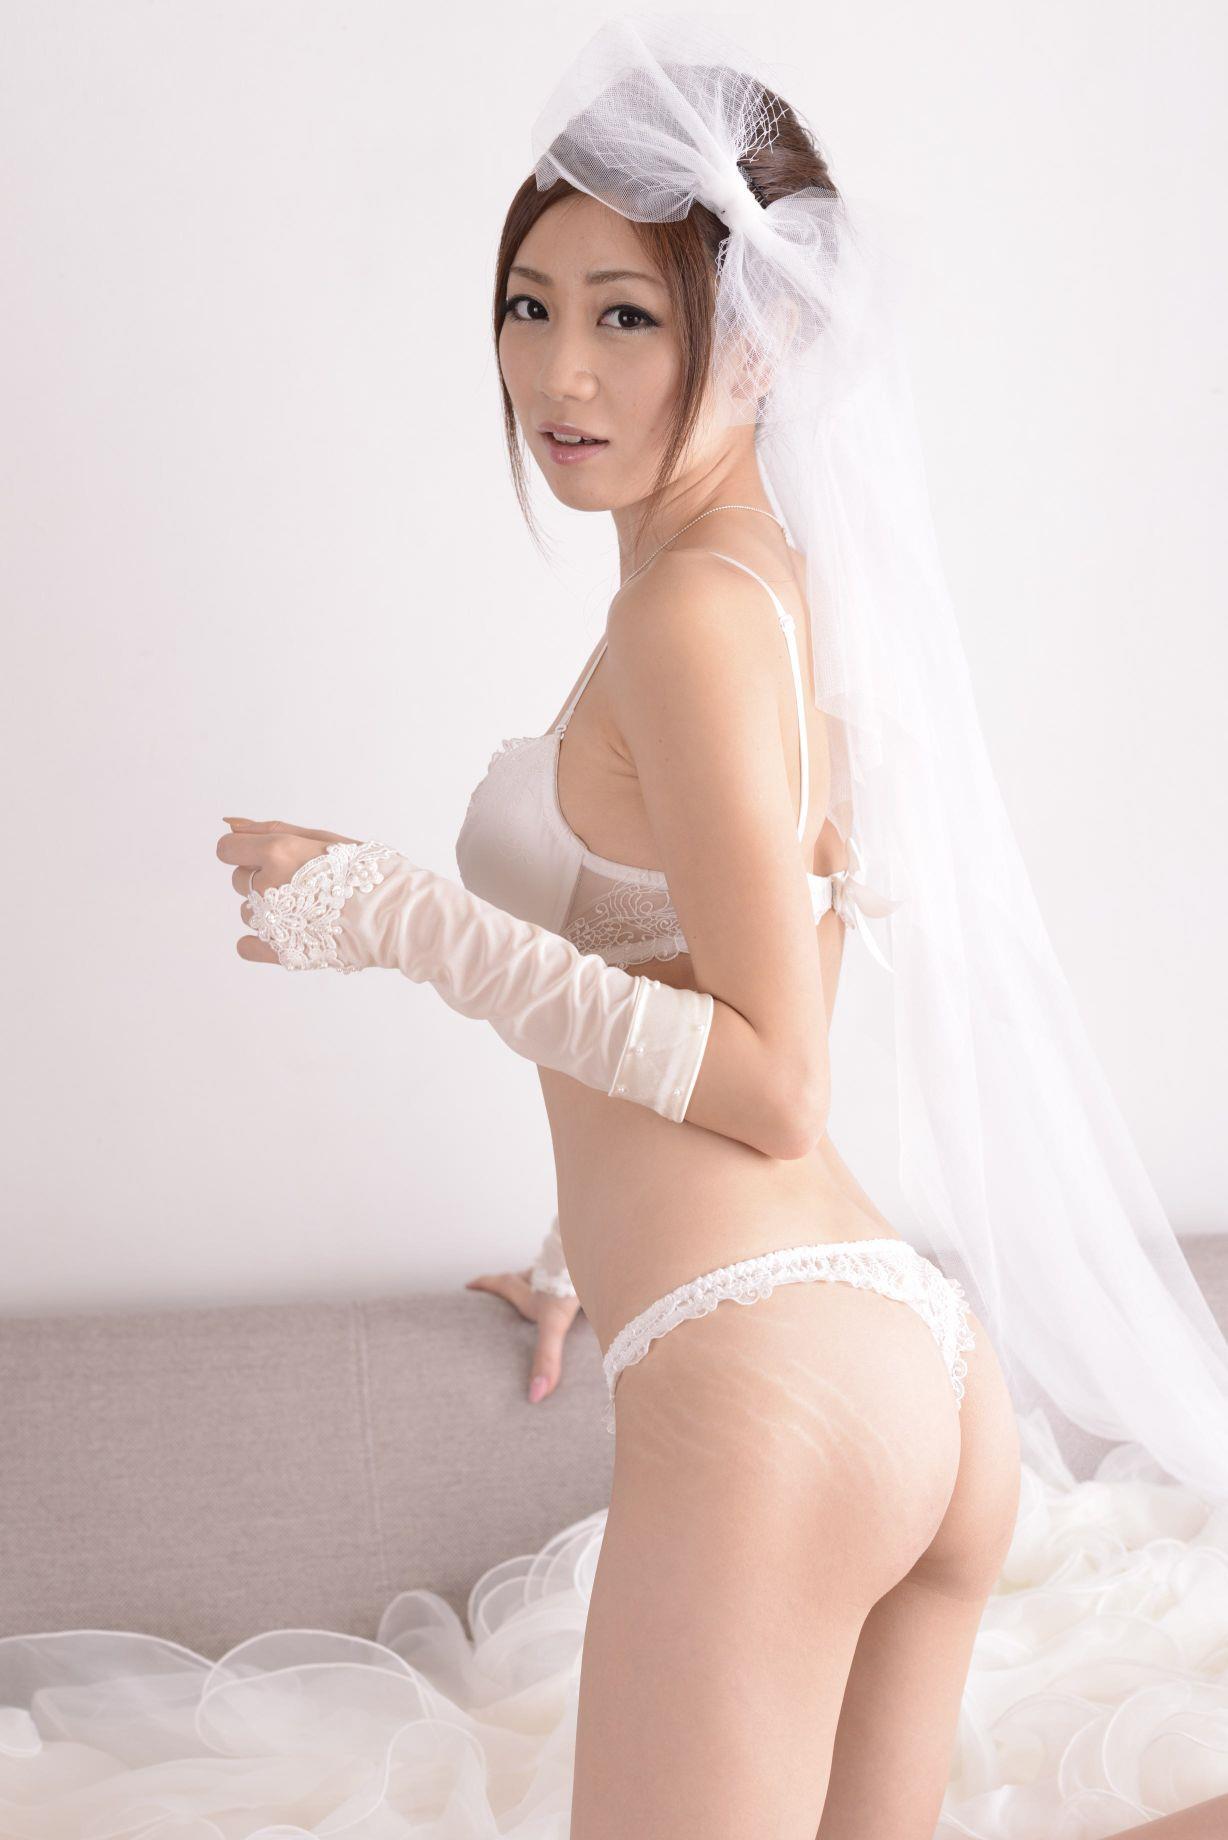 前田かおり ウェディングドレス画像 63